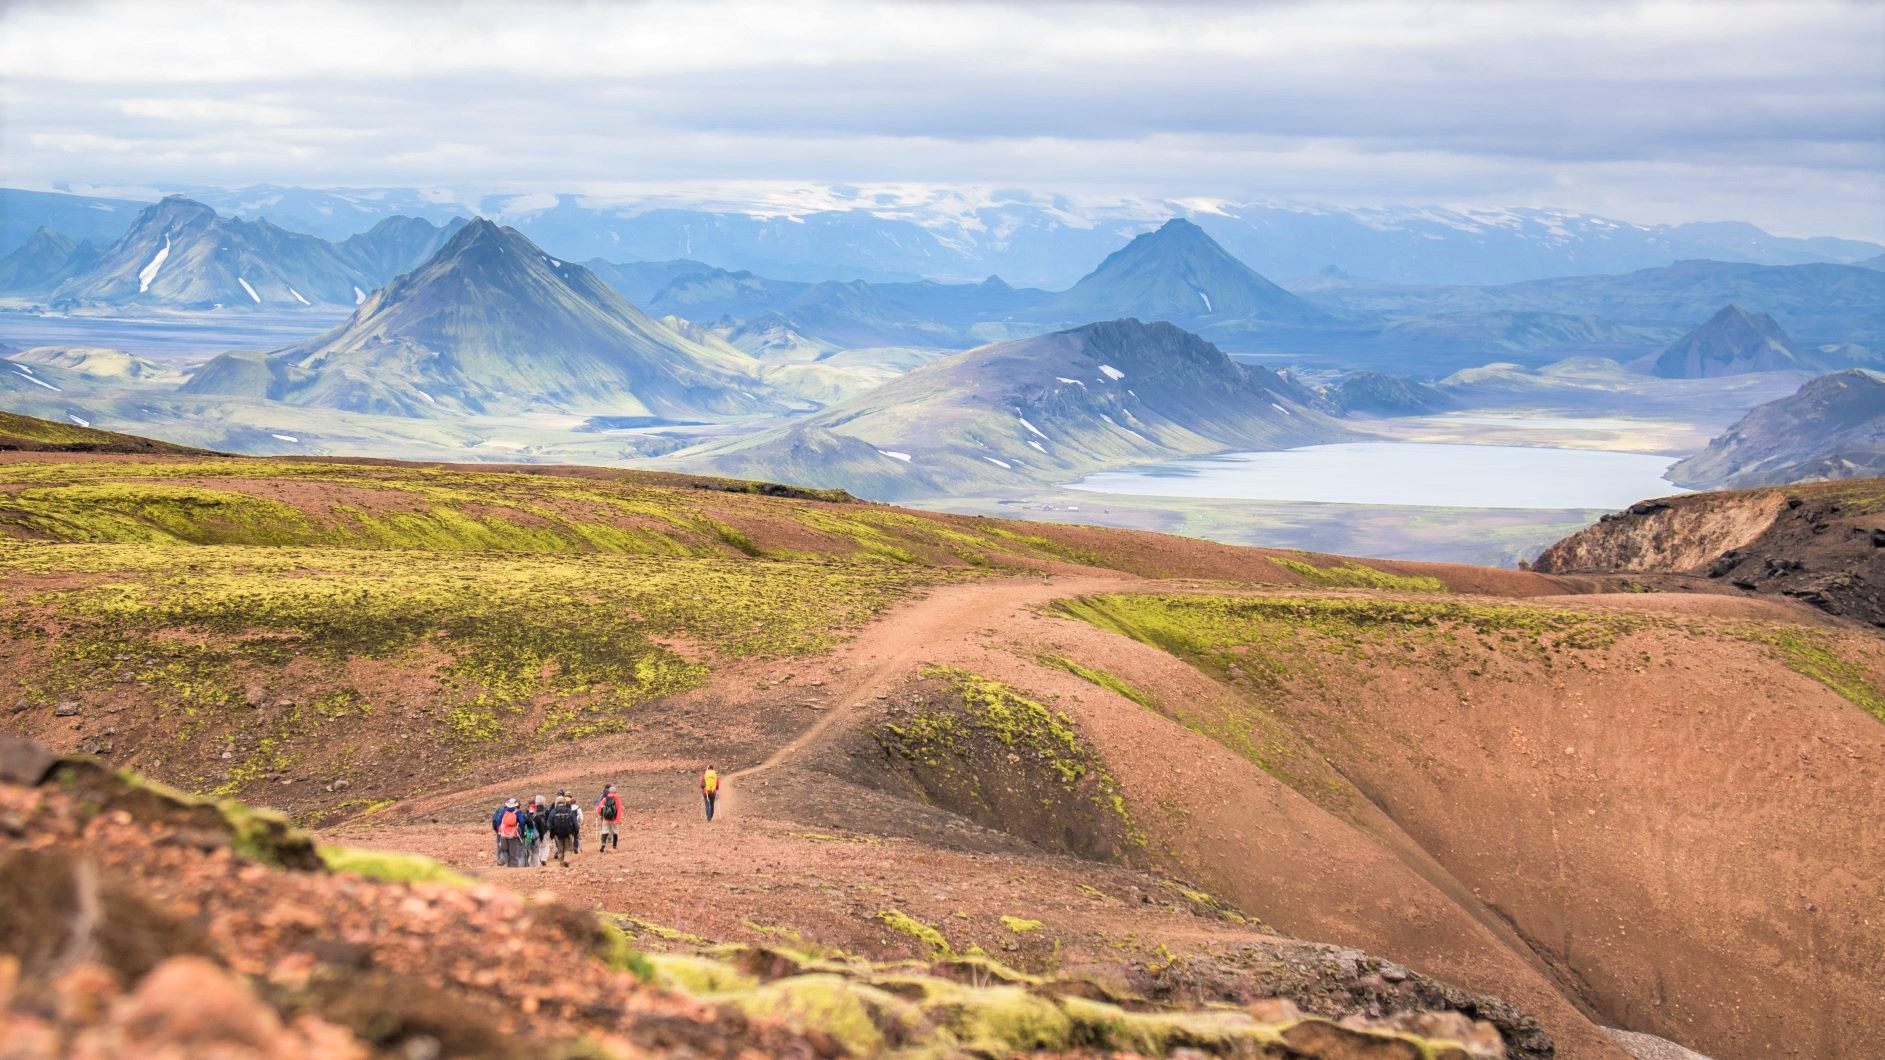 火と氷の島アイスランド ロイガヴェーグル・トレッキング 10日間